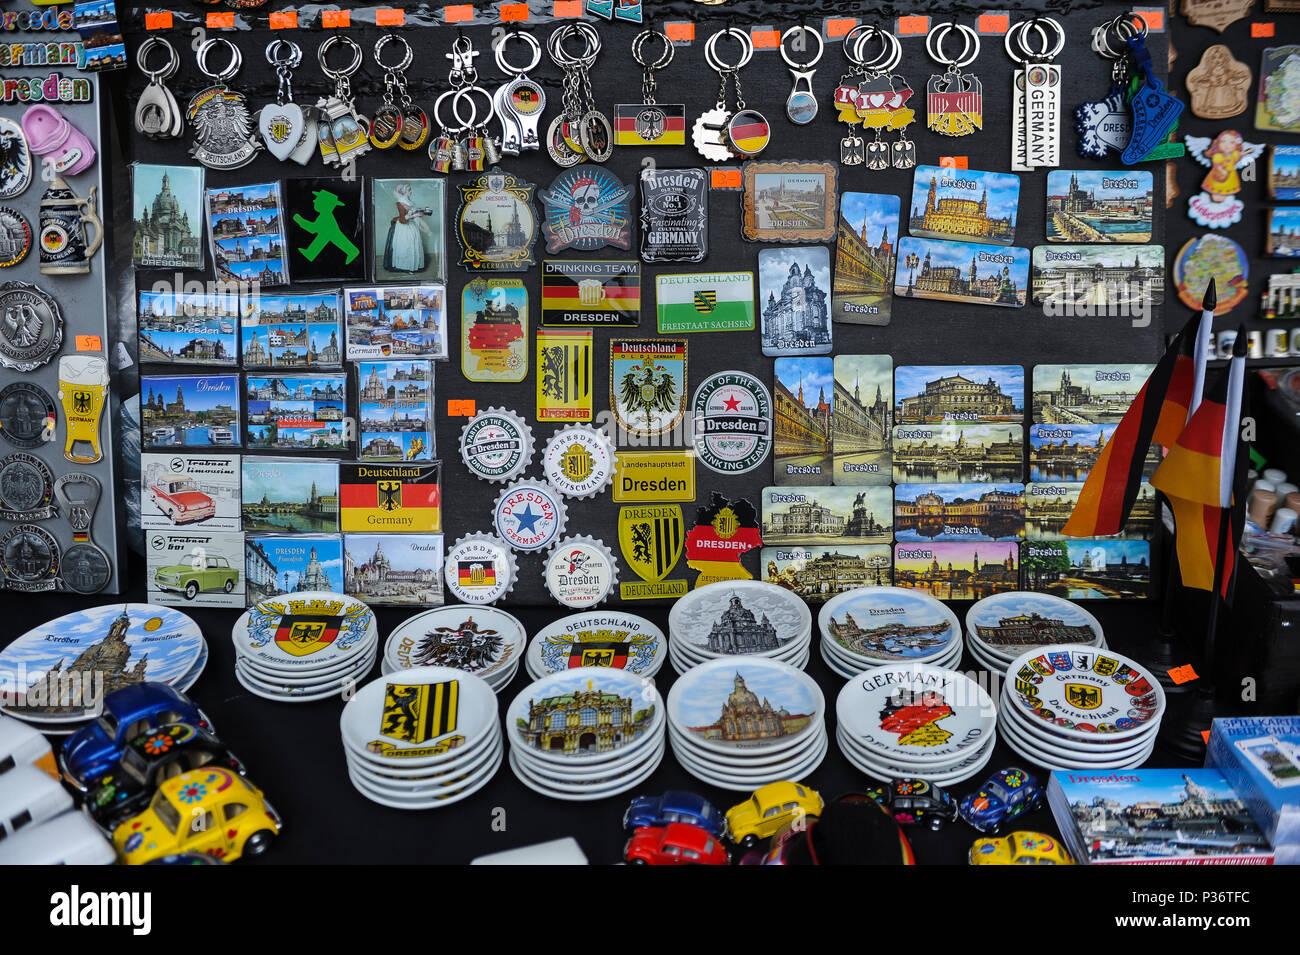 Dresden, Germania, souvenir e negozio di souvenir presso un negozio di souvenir stand Immagini Stock